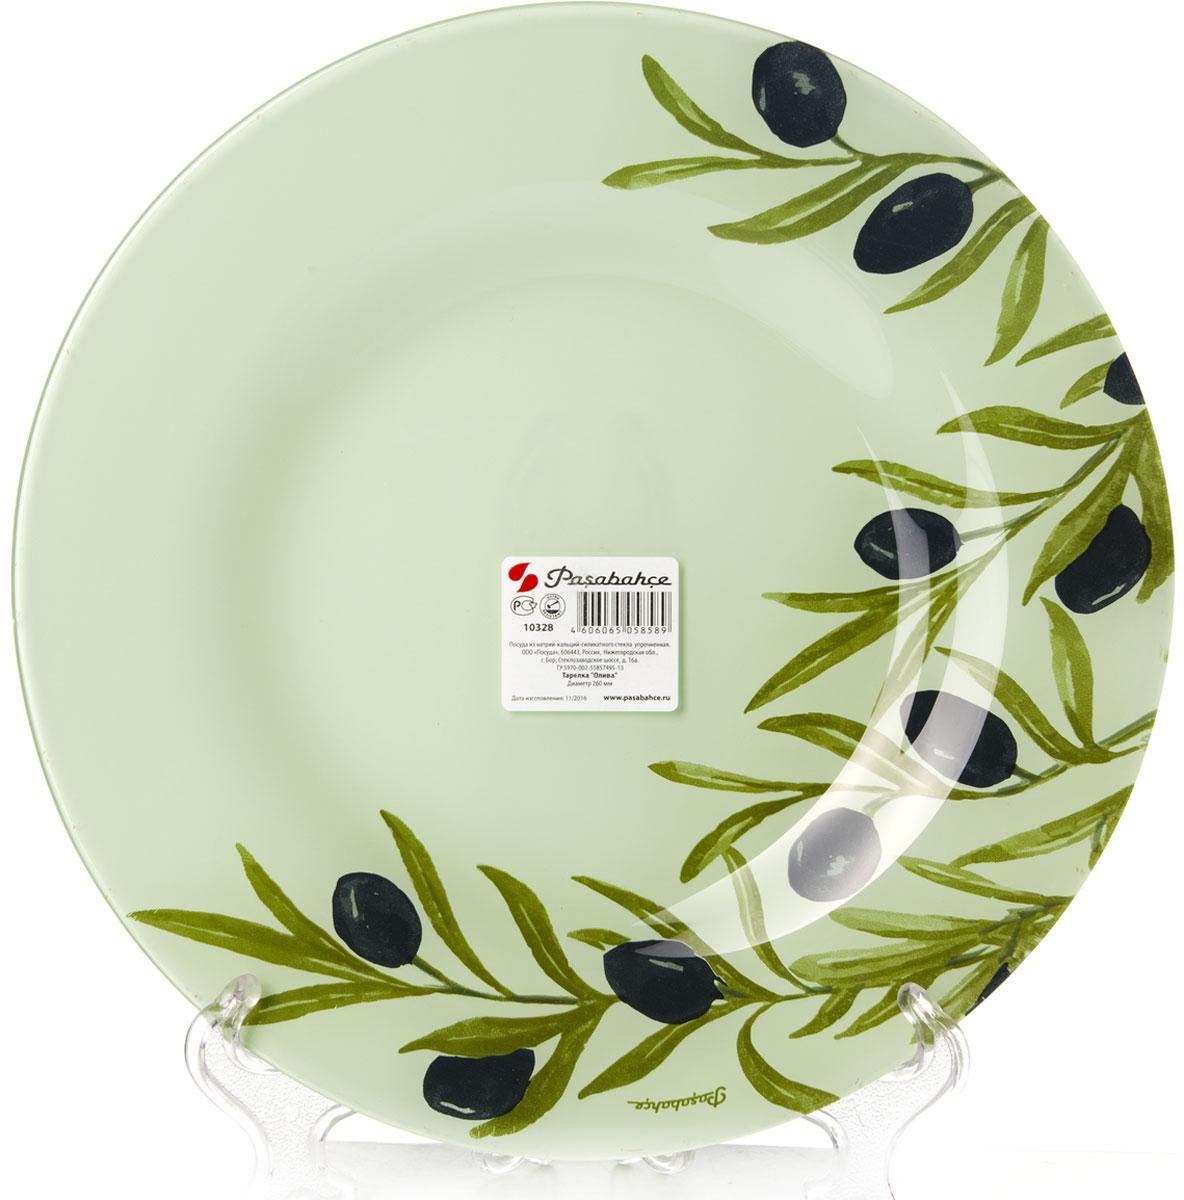 Тарелка Pasabahce Олива, диаметр 26 см10328SLBD35Тарелка Pasabahce Олива выполнена из качественного стекла и украшена рисунком. Тарелка прекрасно подойдет в качестве сервировочного блюда для фруктов, десертов, закусок, торта и другого. Изящная тарелка прекрасно оформит праздничный стол и порадует вас и ваших гостей изысканным дизайном и формой.Диаметр тарелки: 26 см.